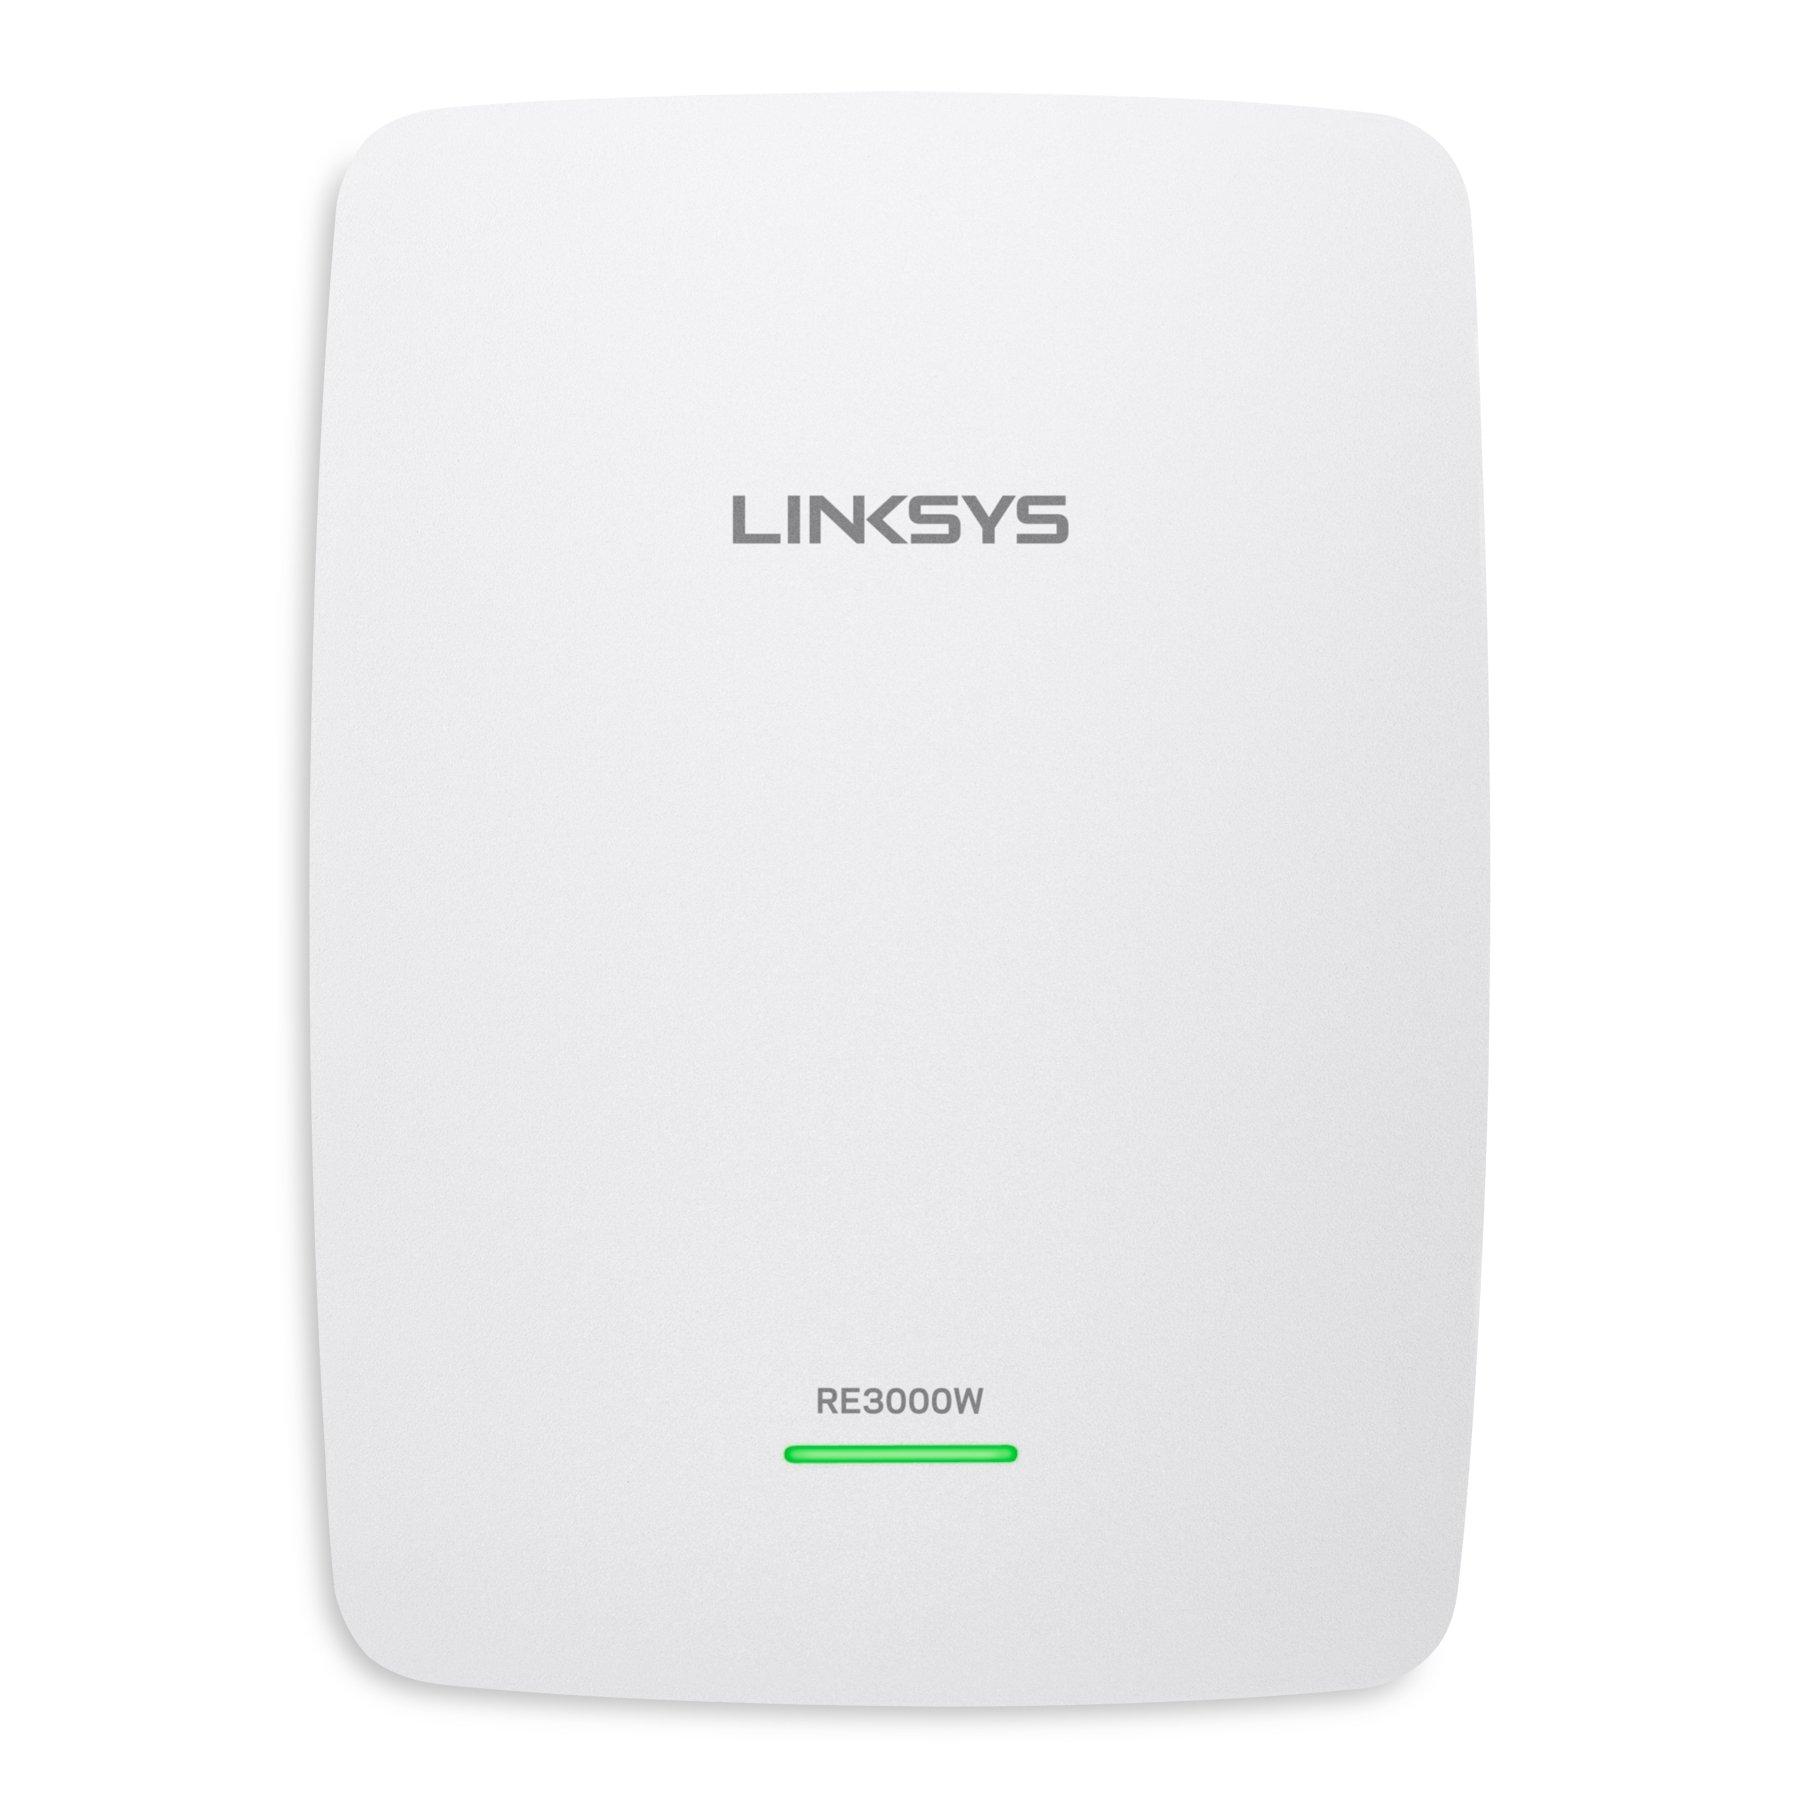 Linksys RE3000W N300 Wi-Fi Range Extender (RE3000W)